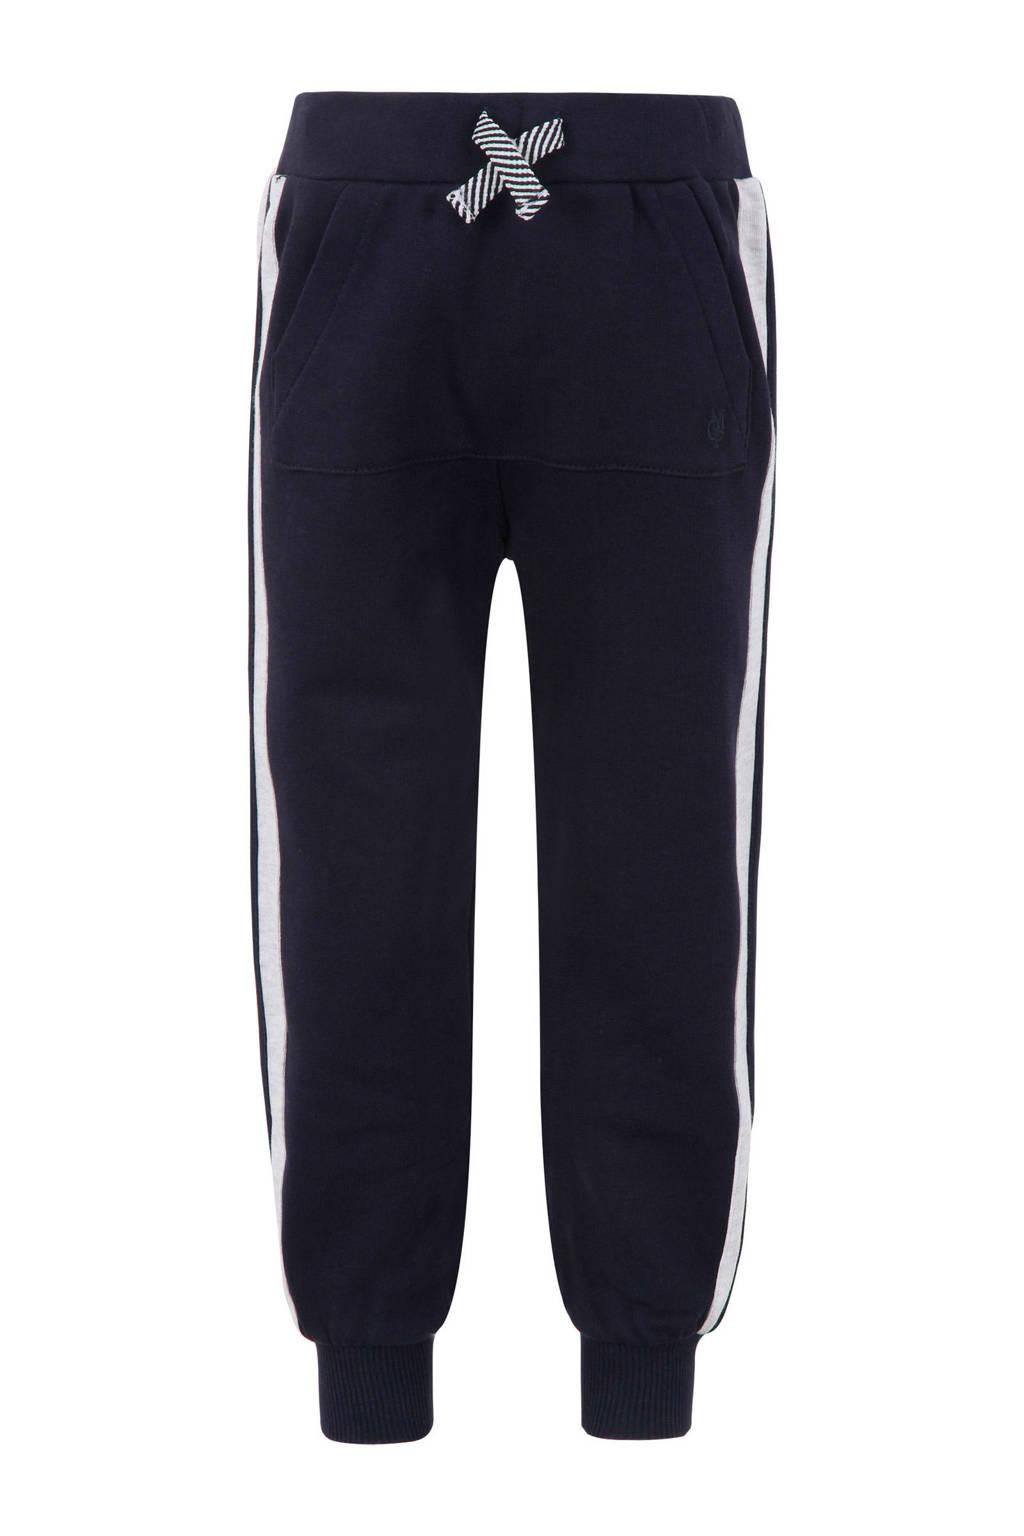 Marc O'Polo   joggingbroek met zijstreep blauw, Marine